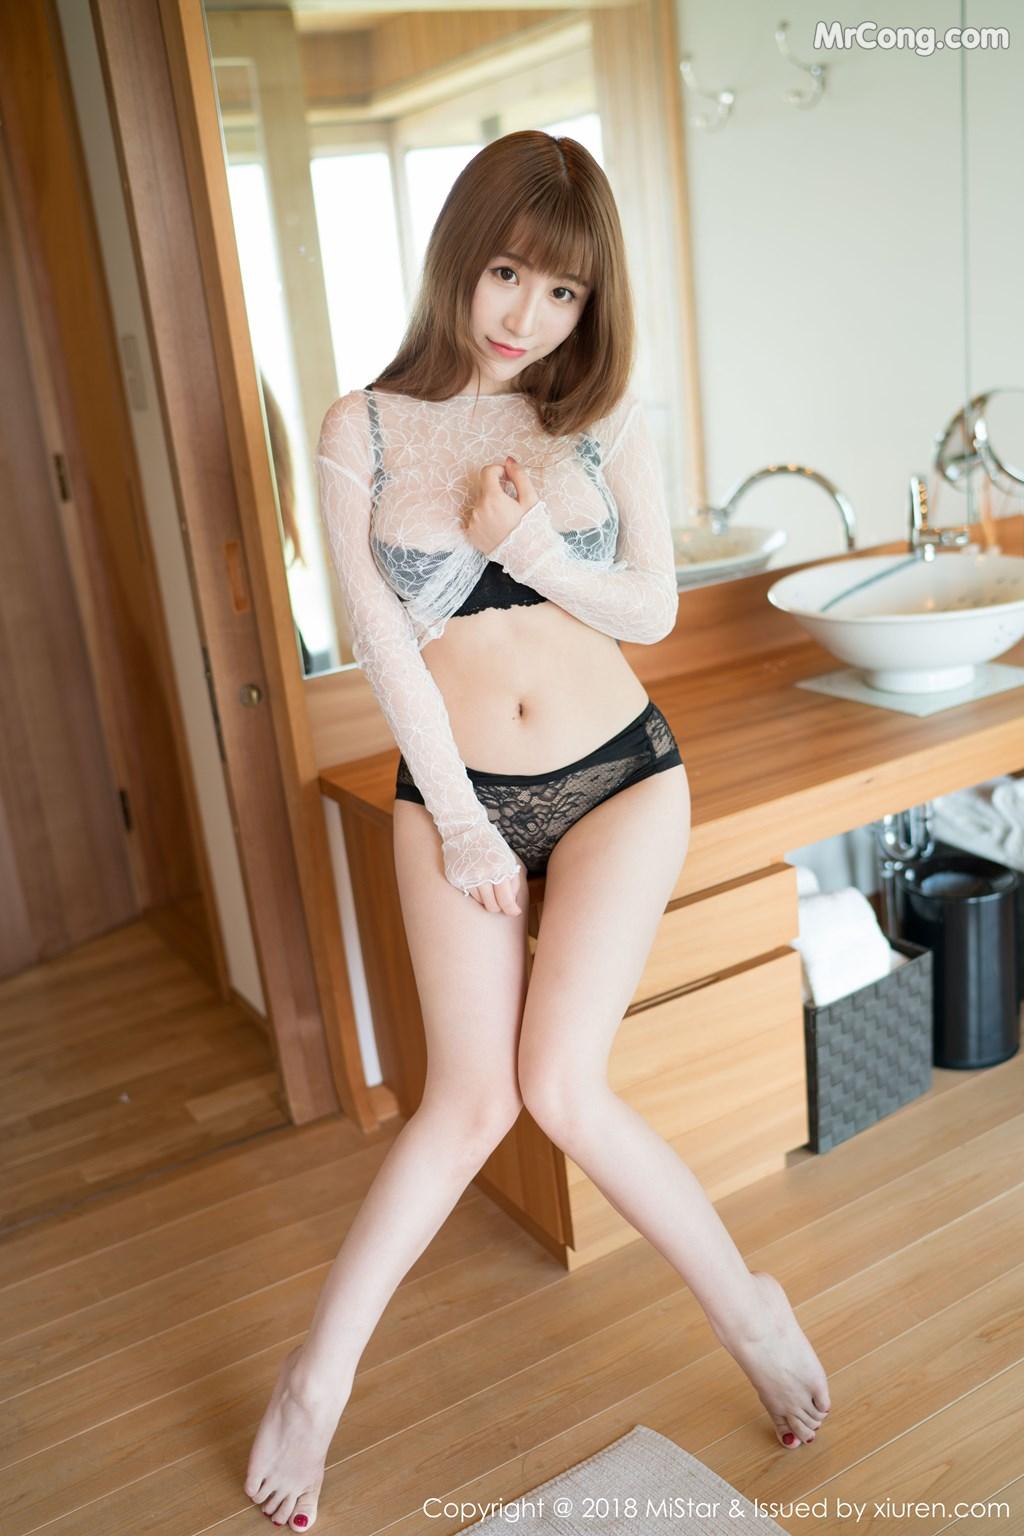 MiStar Vol.223: Người mẫu 绯月樱-Cherry (41 ảnh)